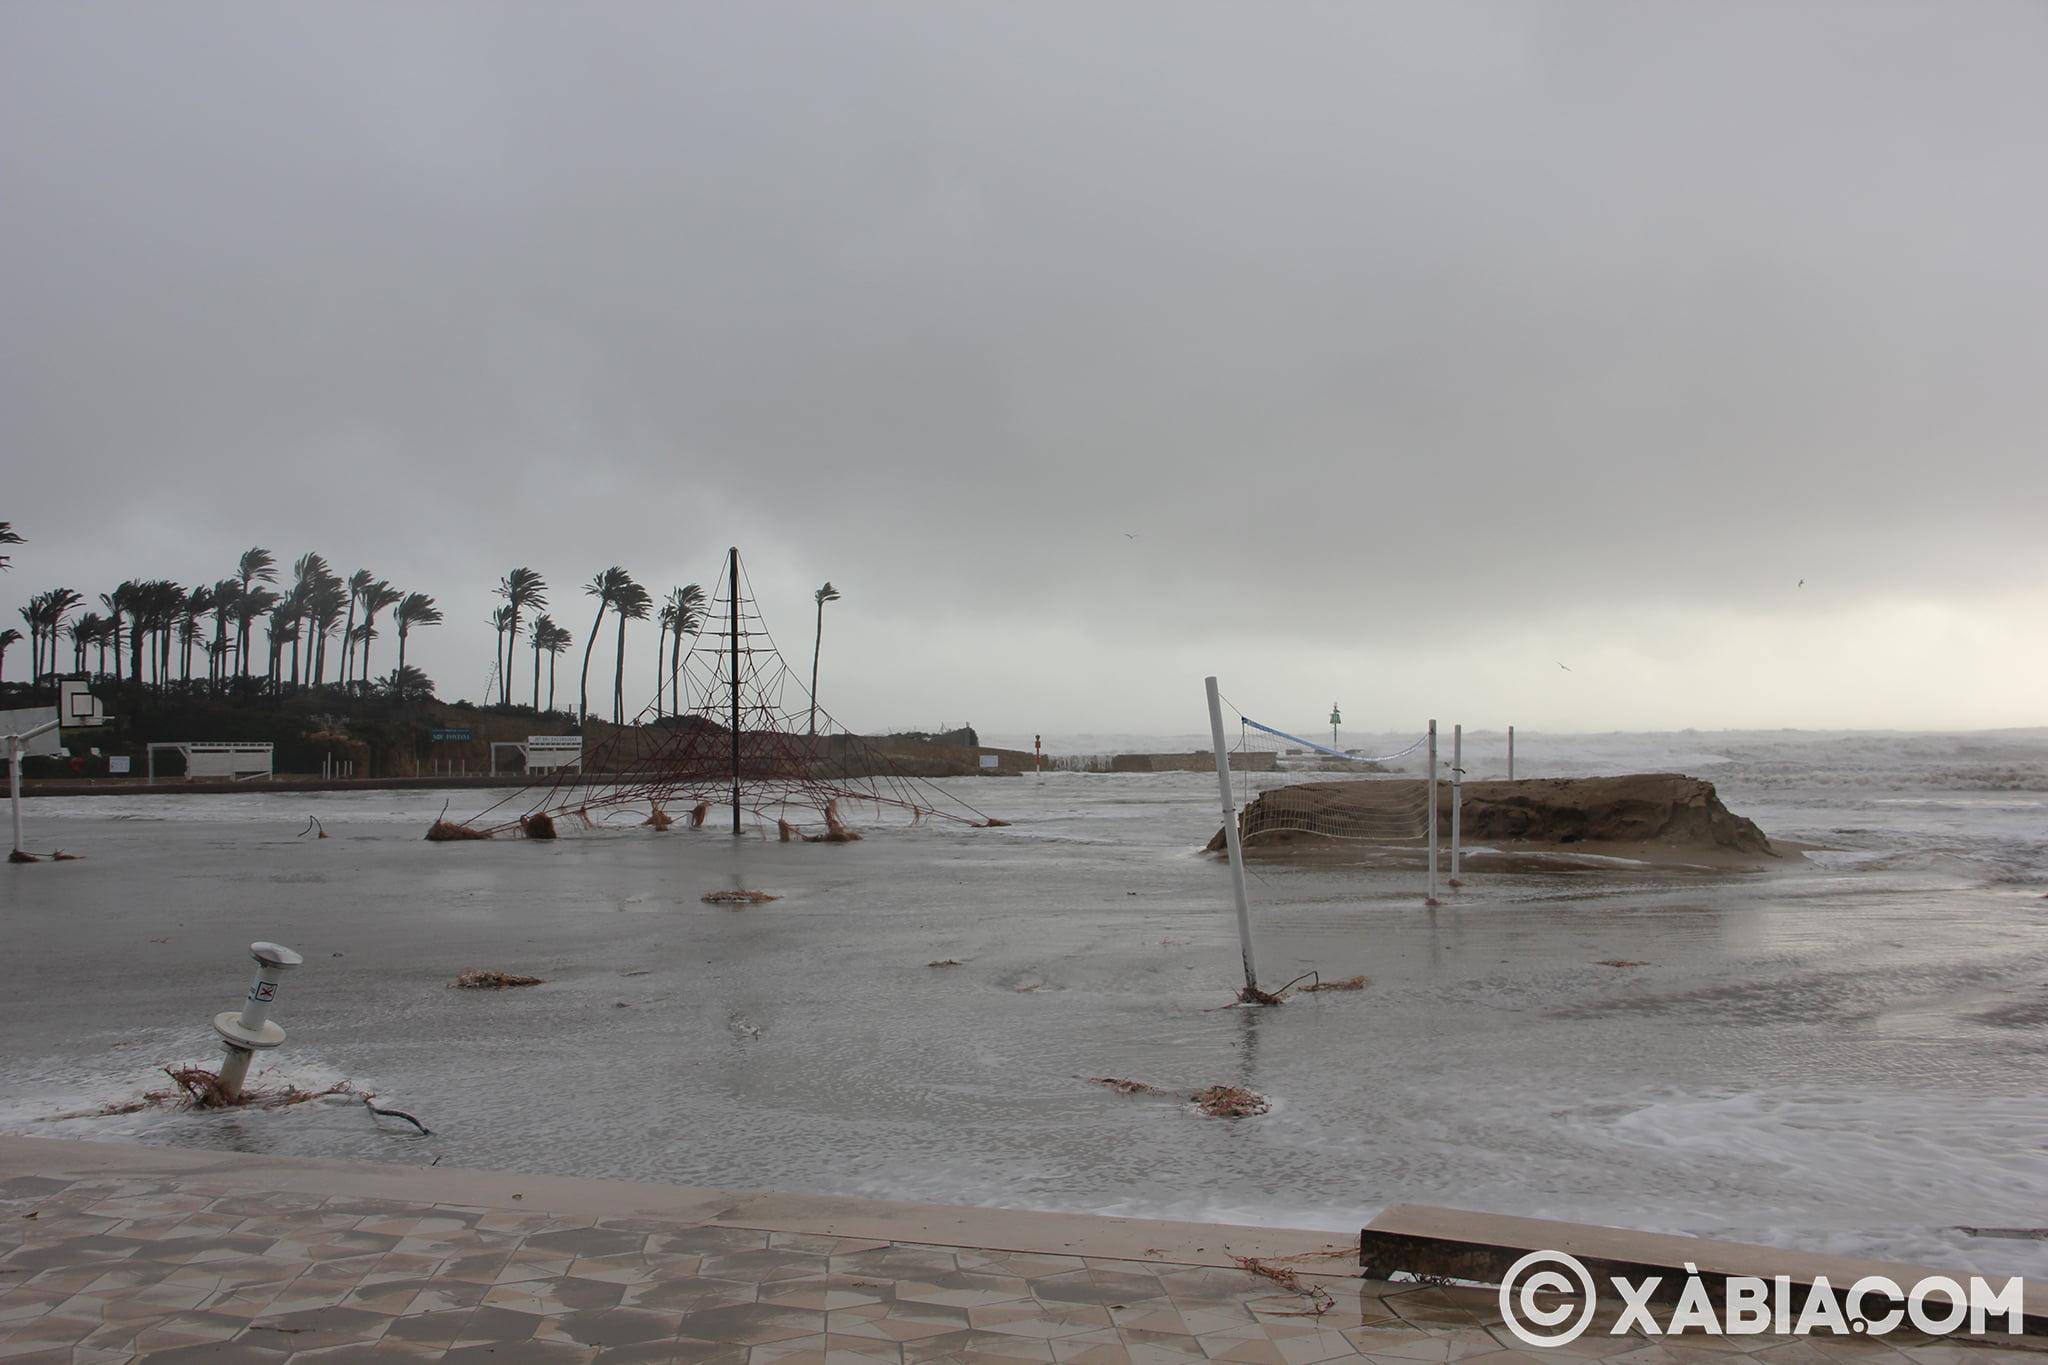 Brandelli di pioggia, vento e mare in Xàbia (36)